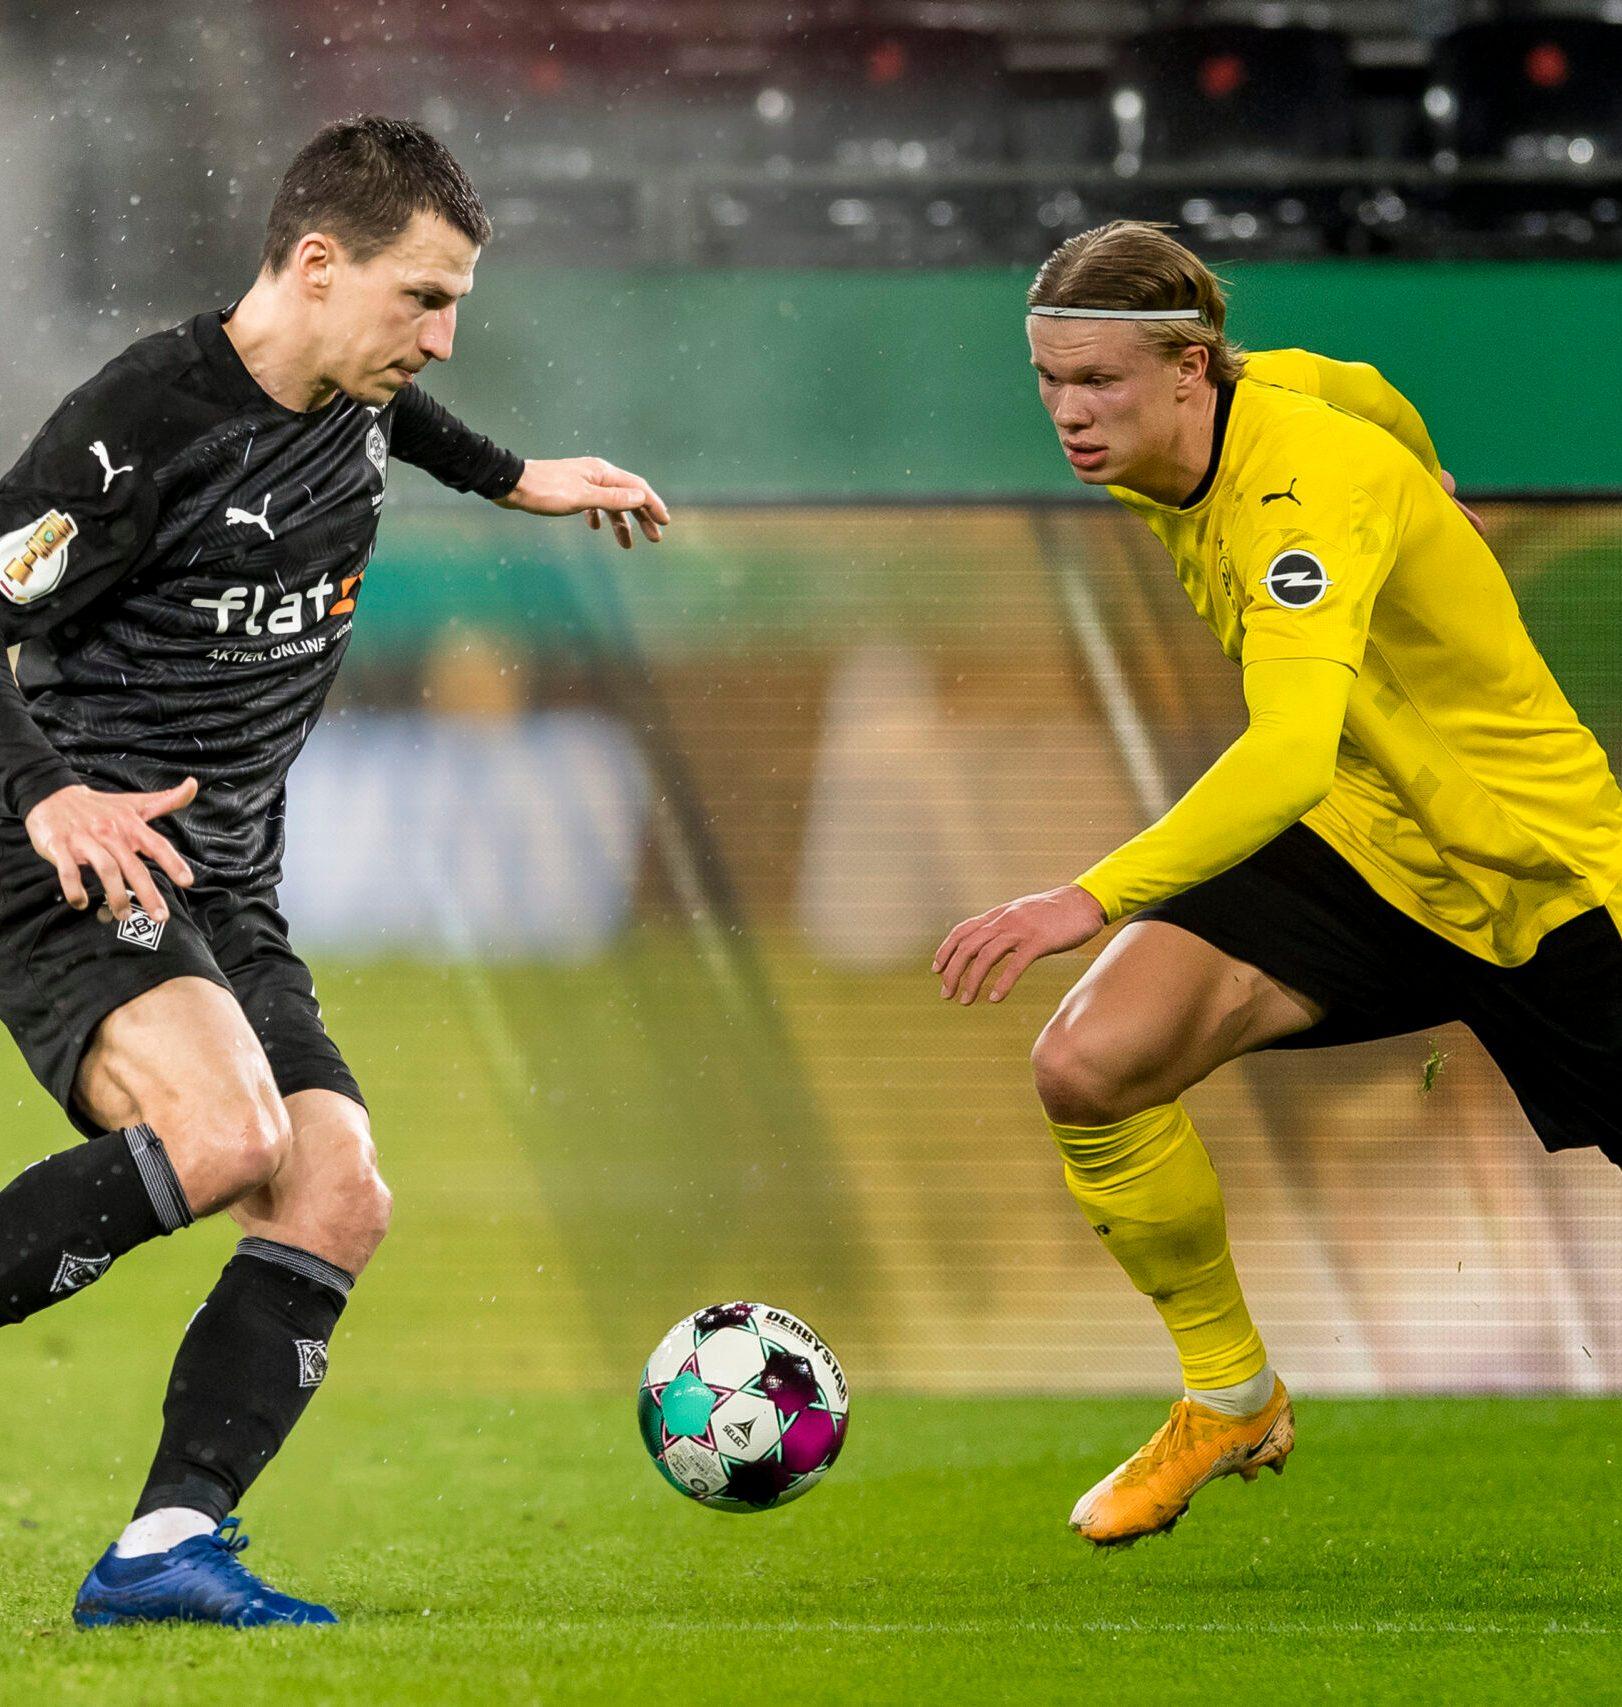 Gladbach vs. Dortmund LIVE